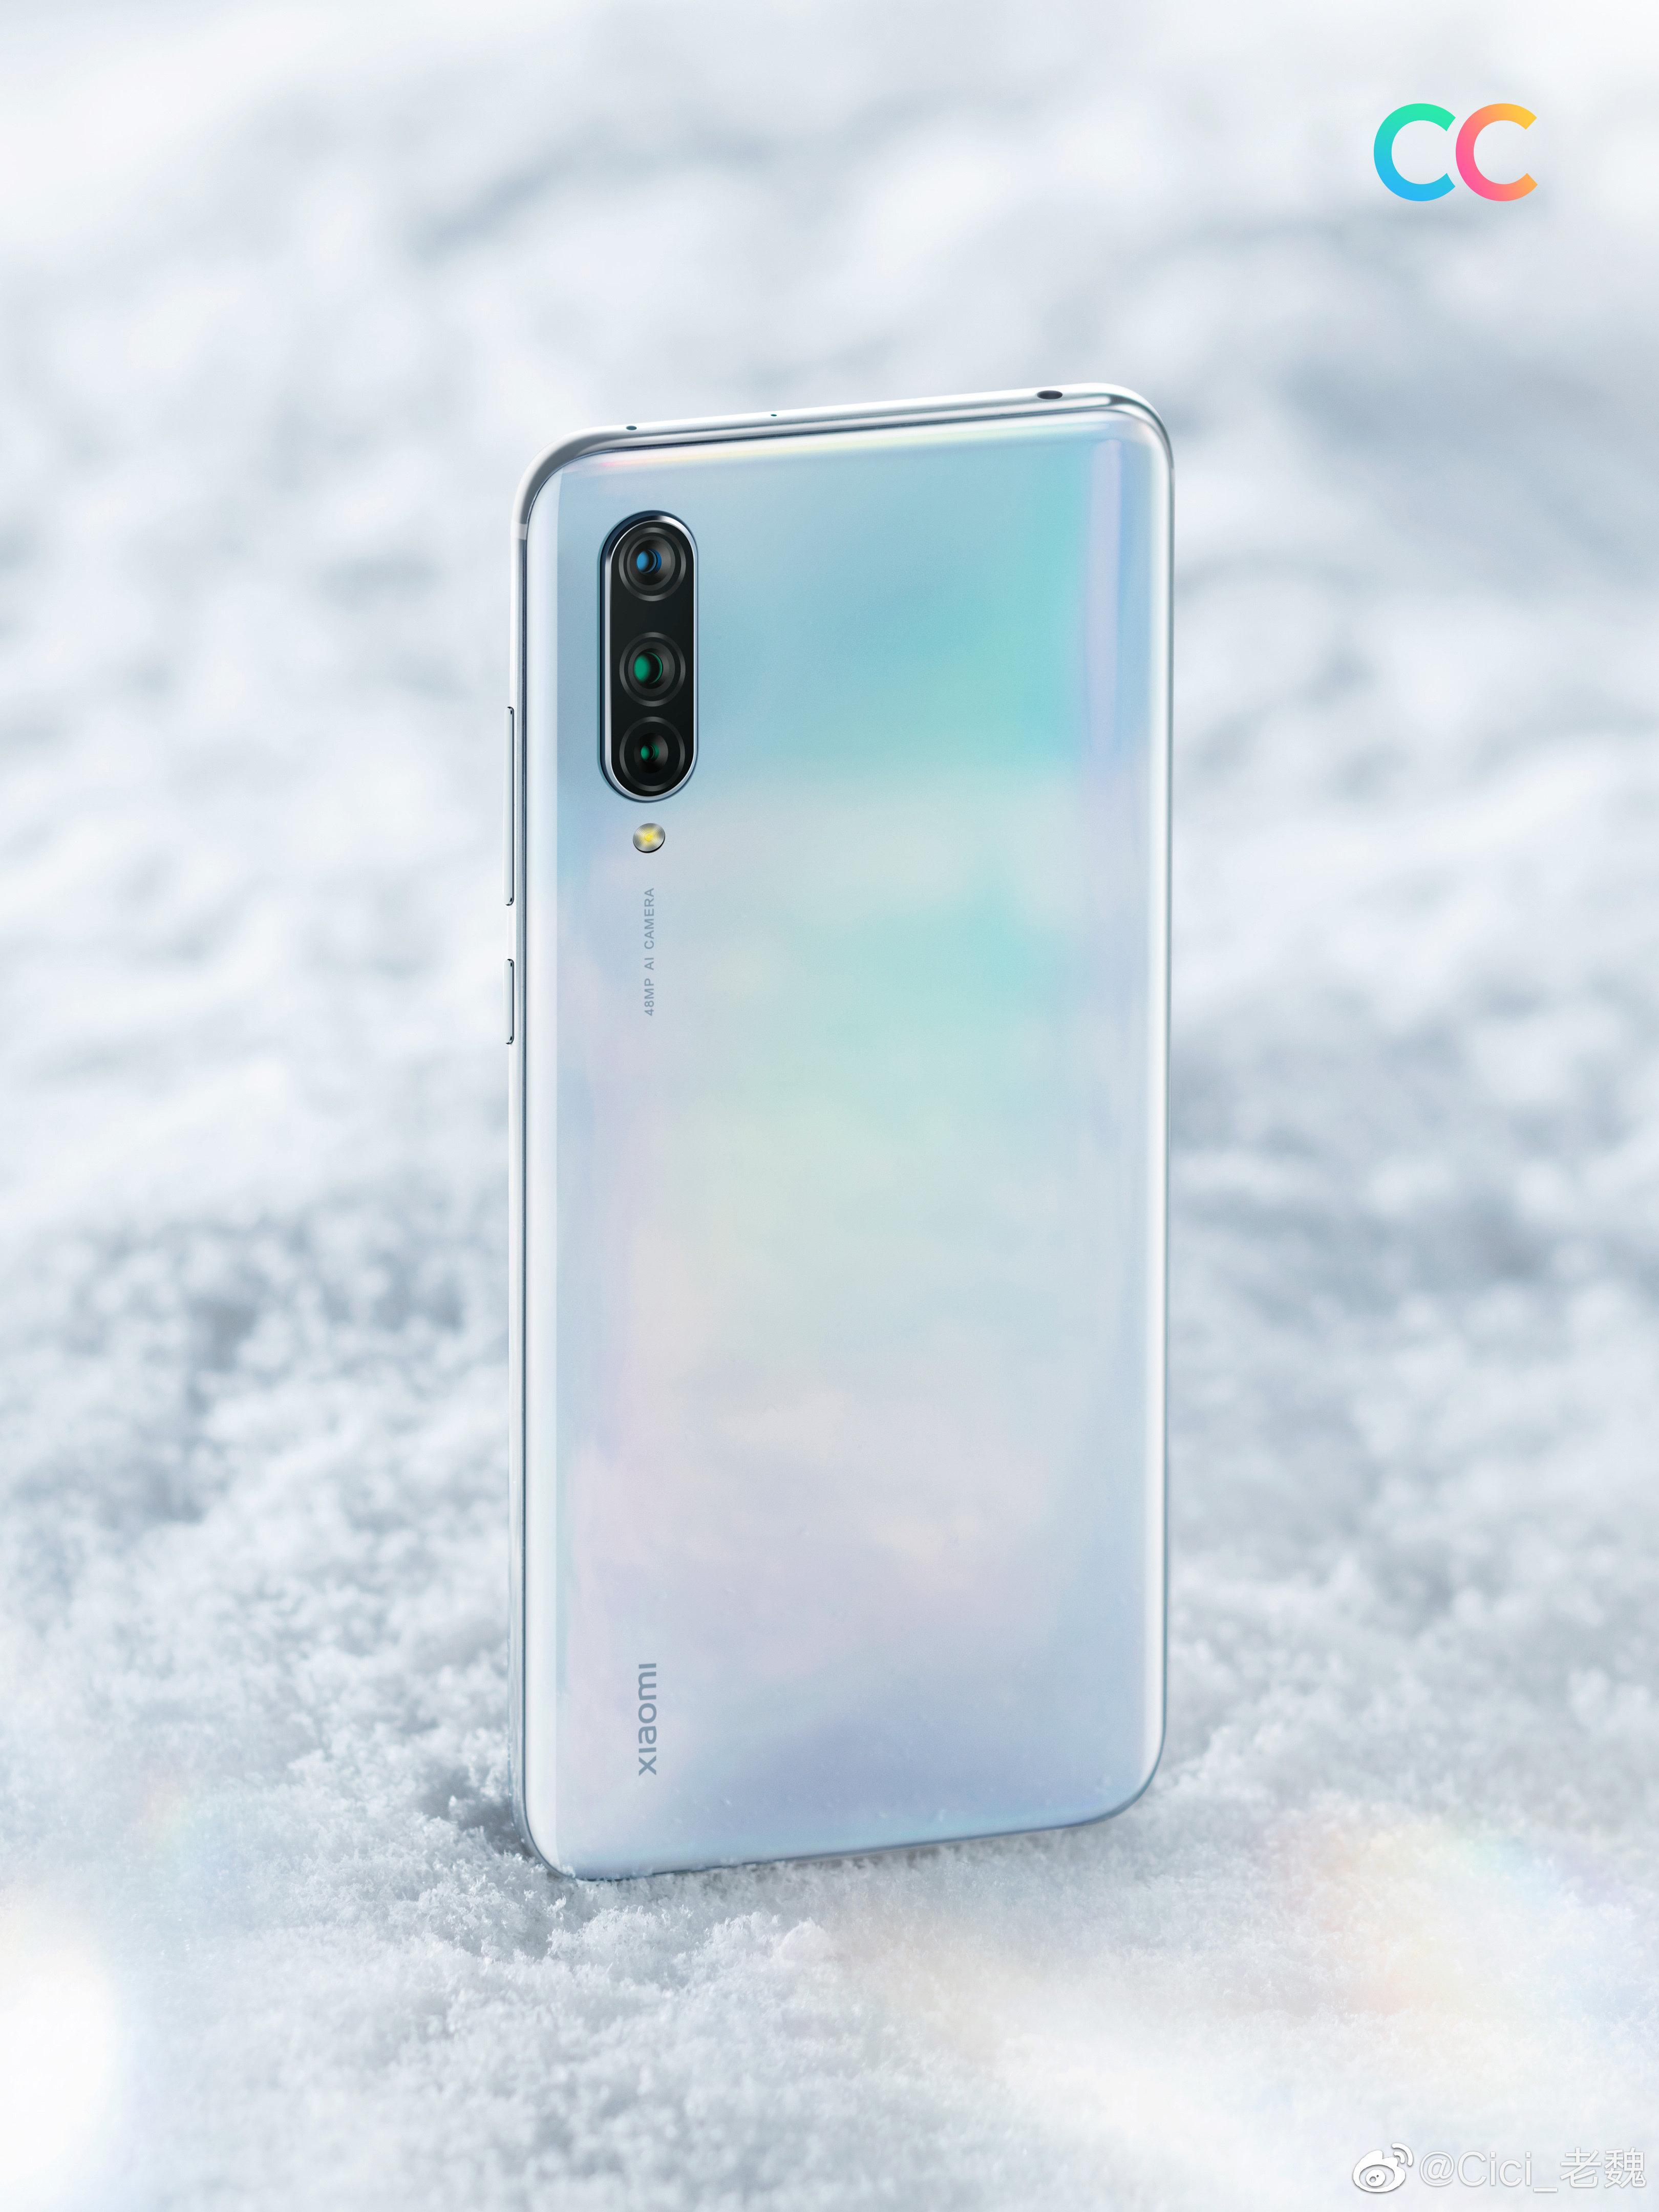 Xiaomi CC9 : voici les rendus officiels du nouveau smartphone